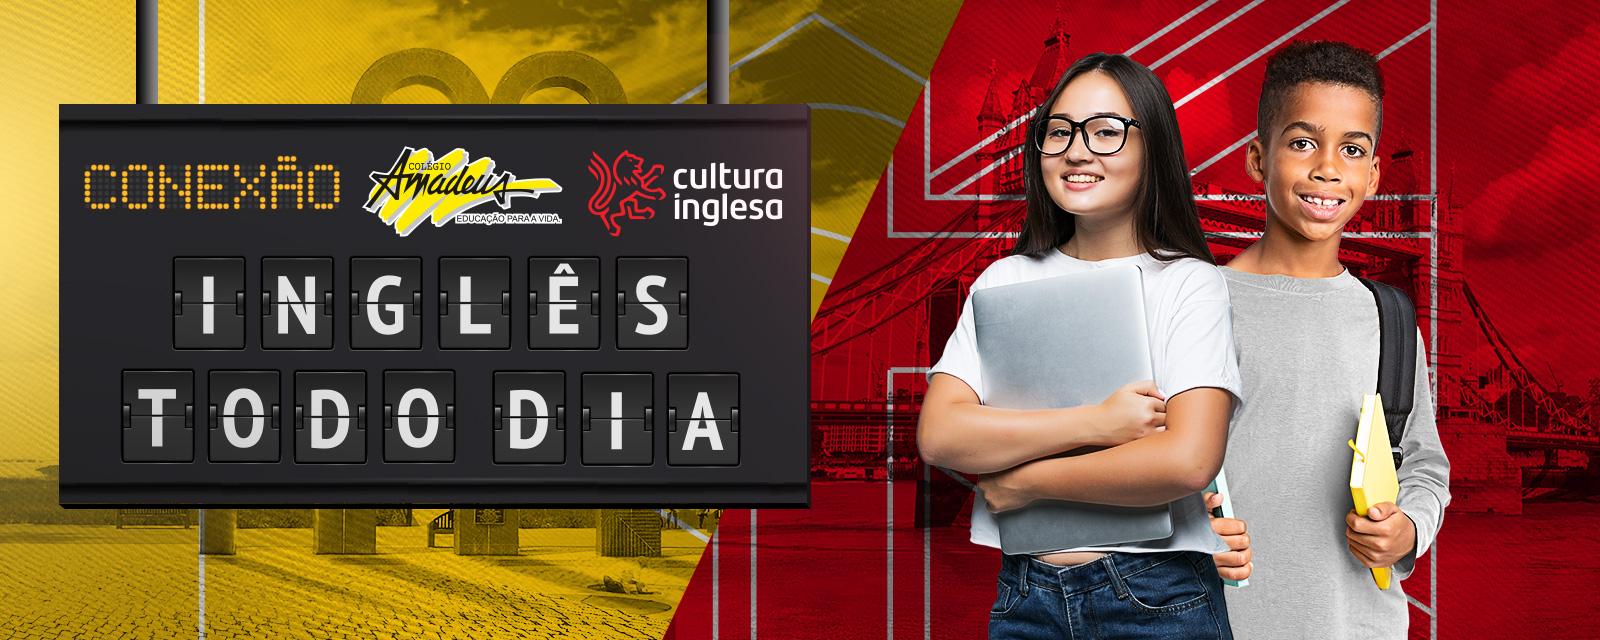 Conexão Inglês Todo Dia